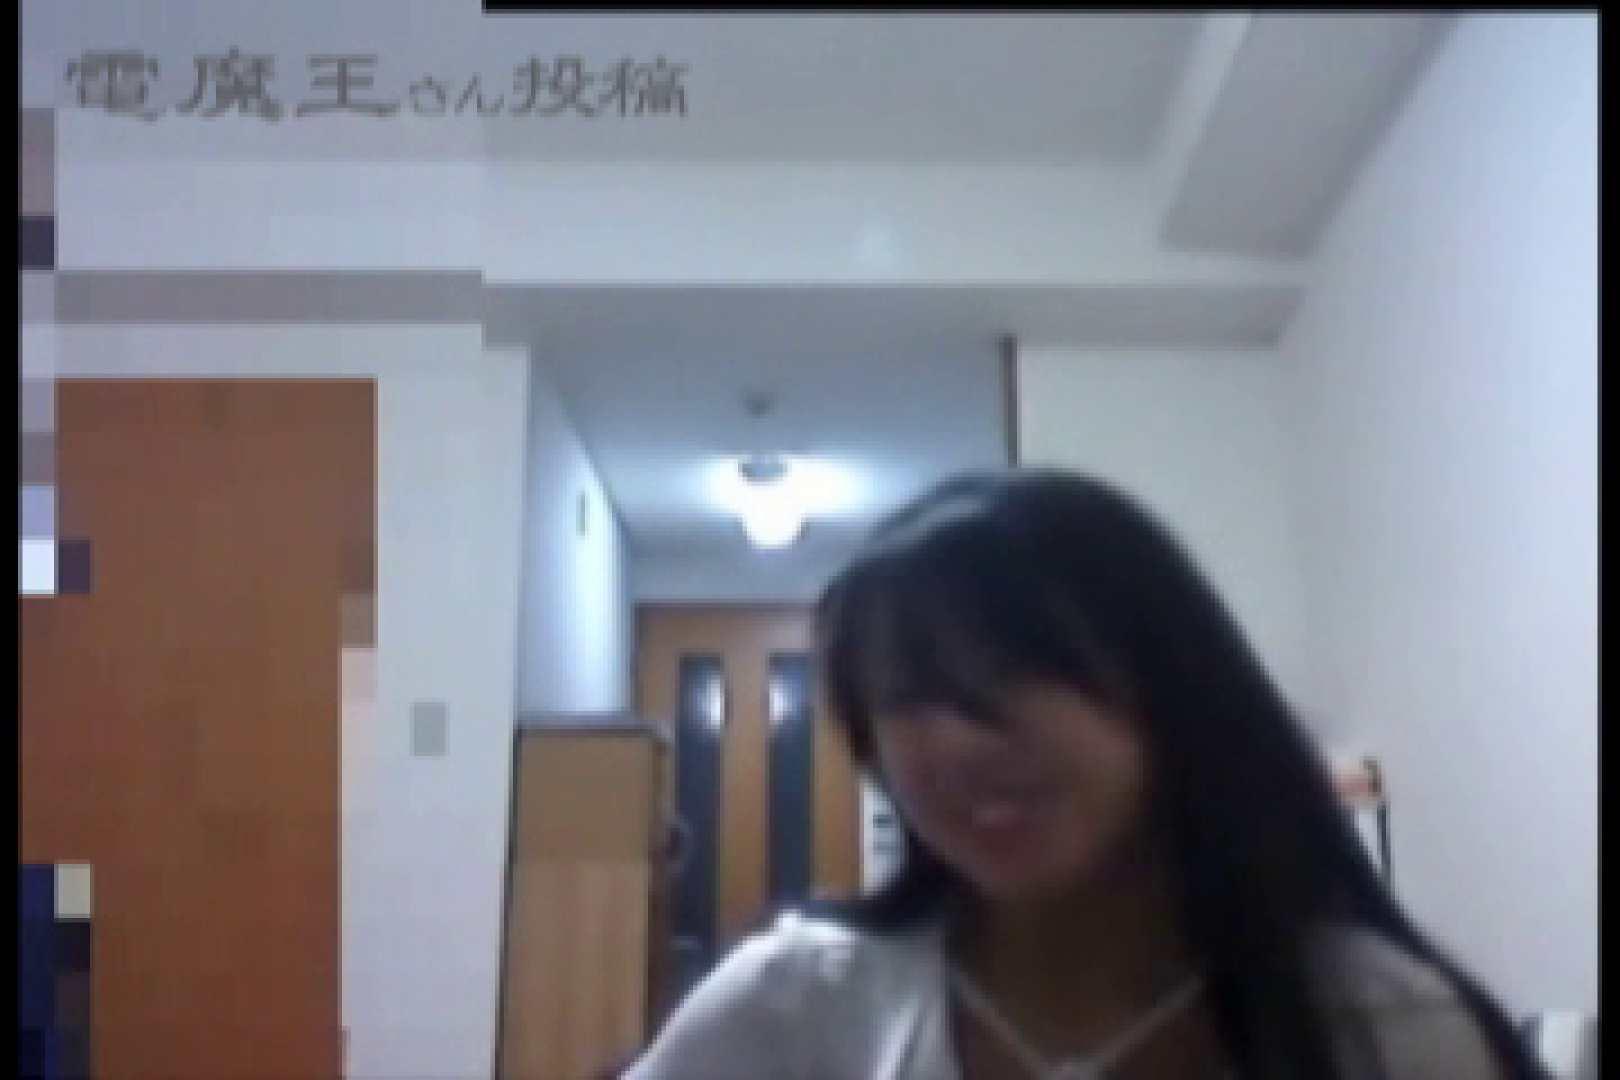 電魔王さんの「隠撮の部屋」ミーナ 隠撮  106pic 12